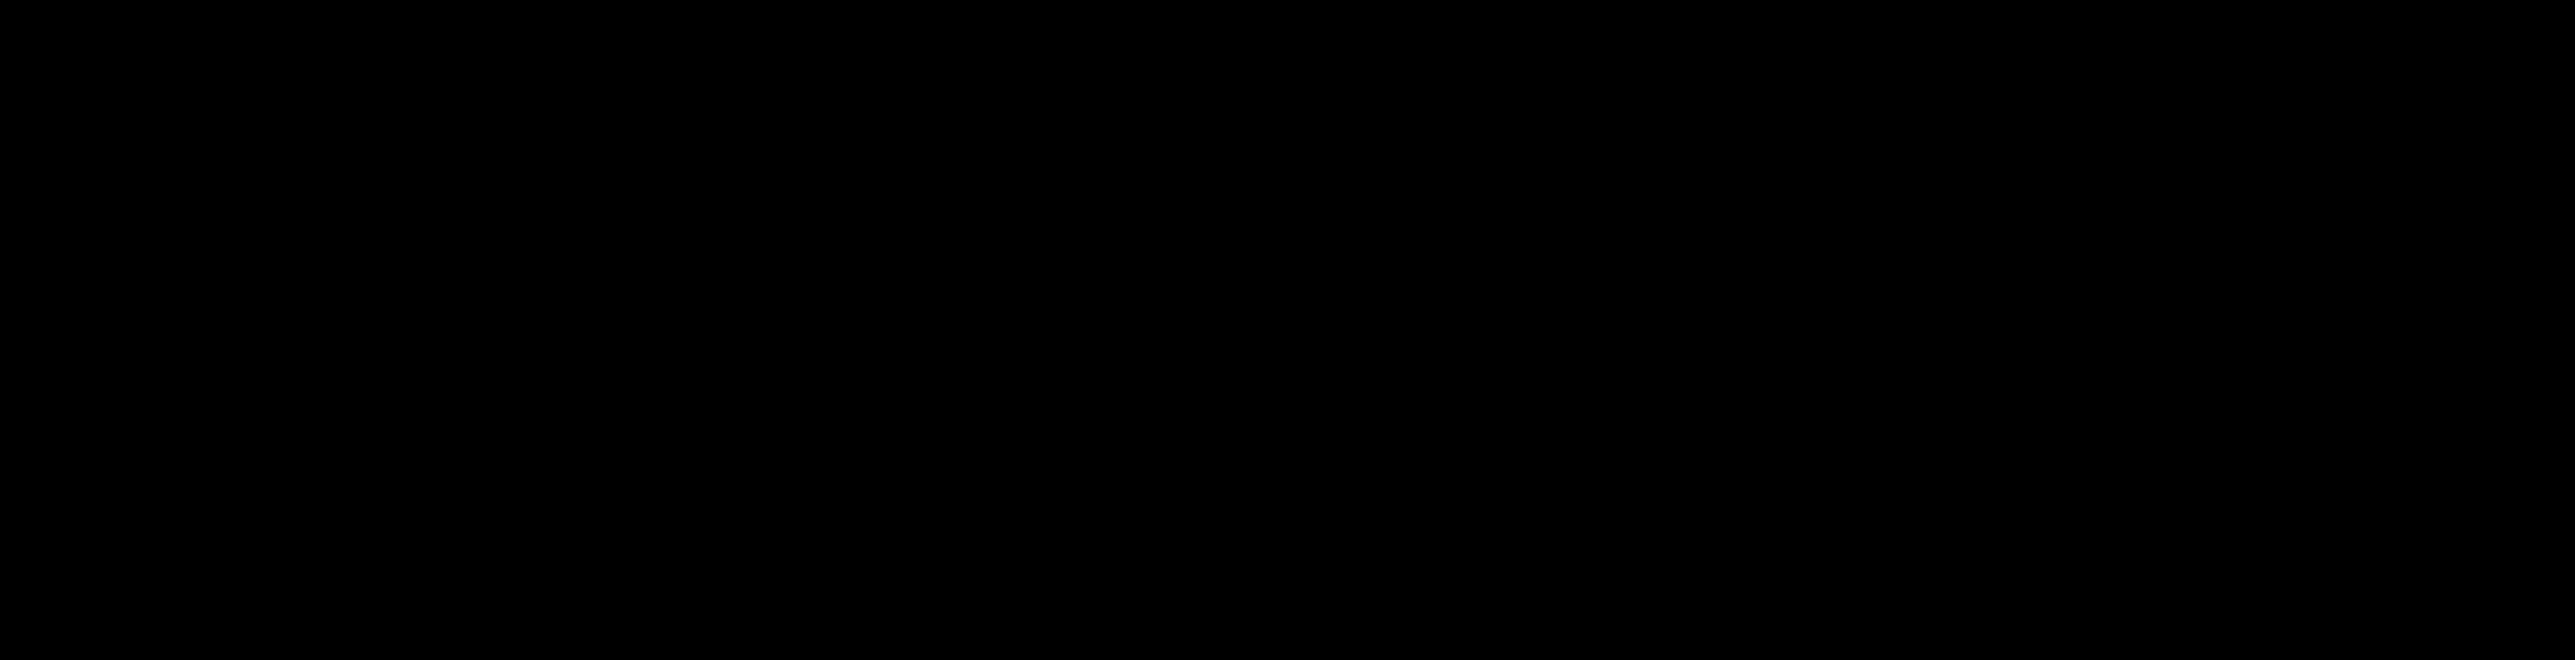 N1,N1,N1,N2,N2-Pentamethyl-N2-(12-phosphonododecyl)ethane-1,2-diaminium iodide